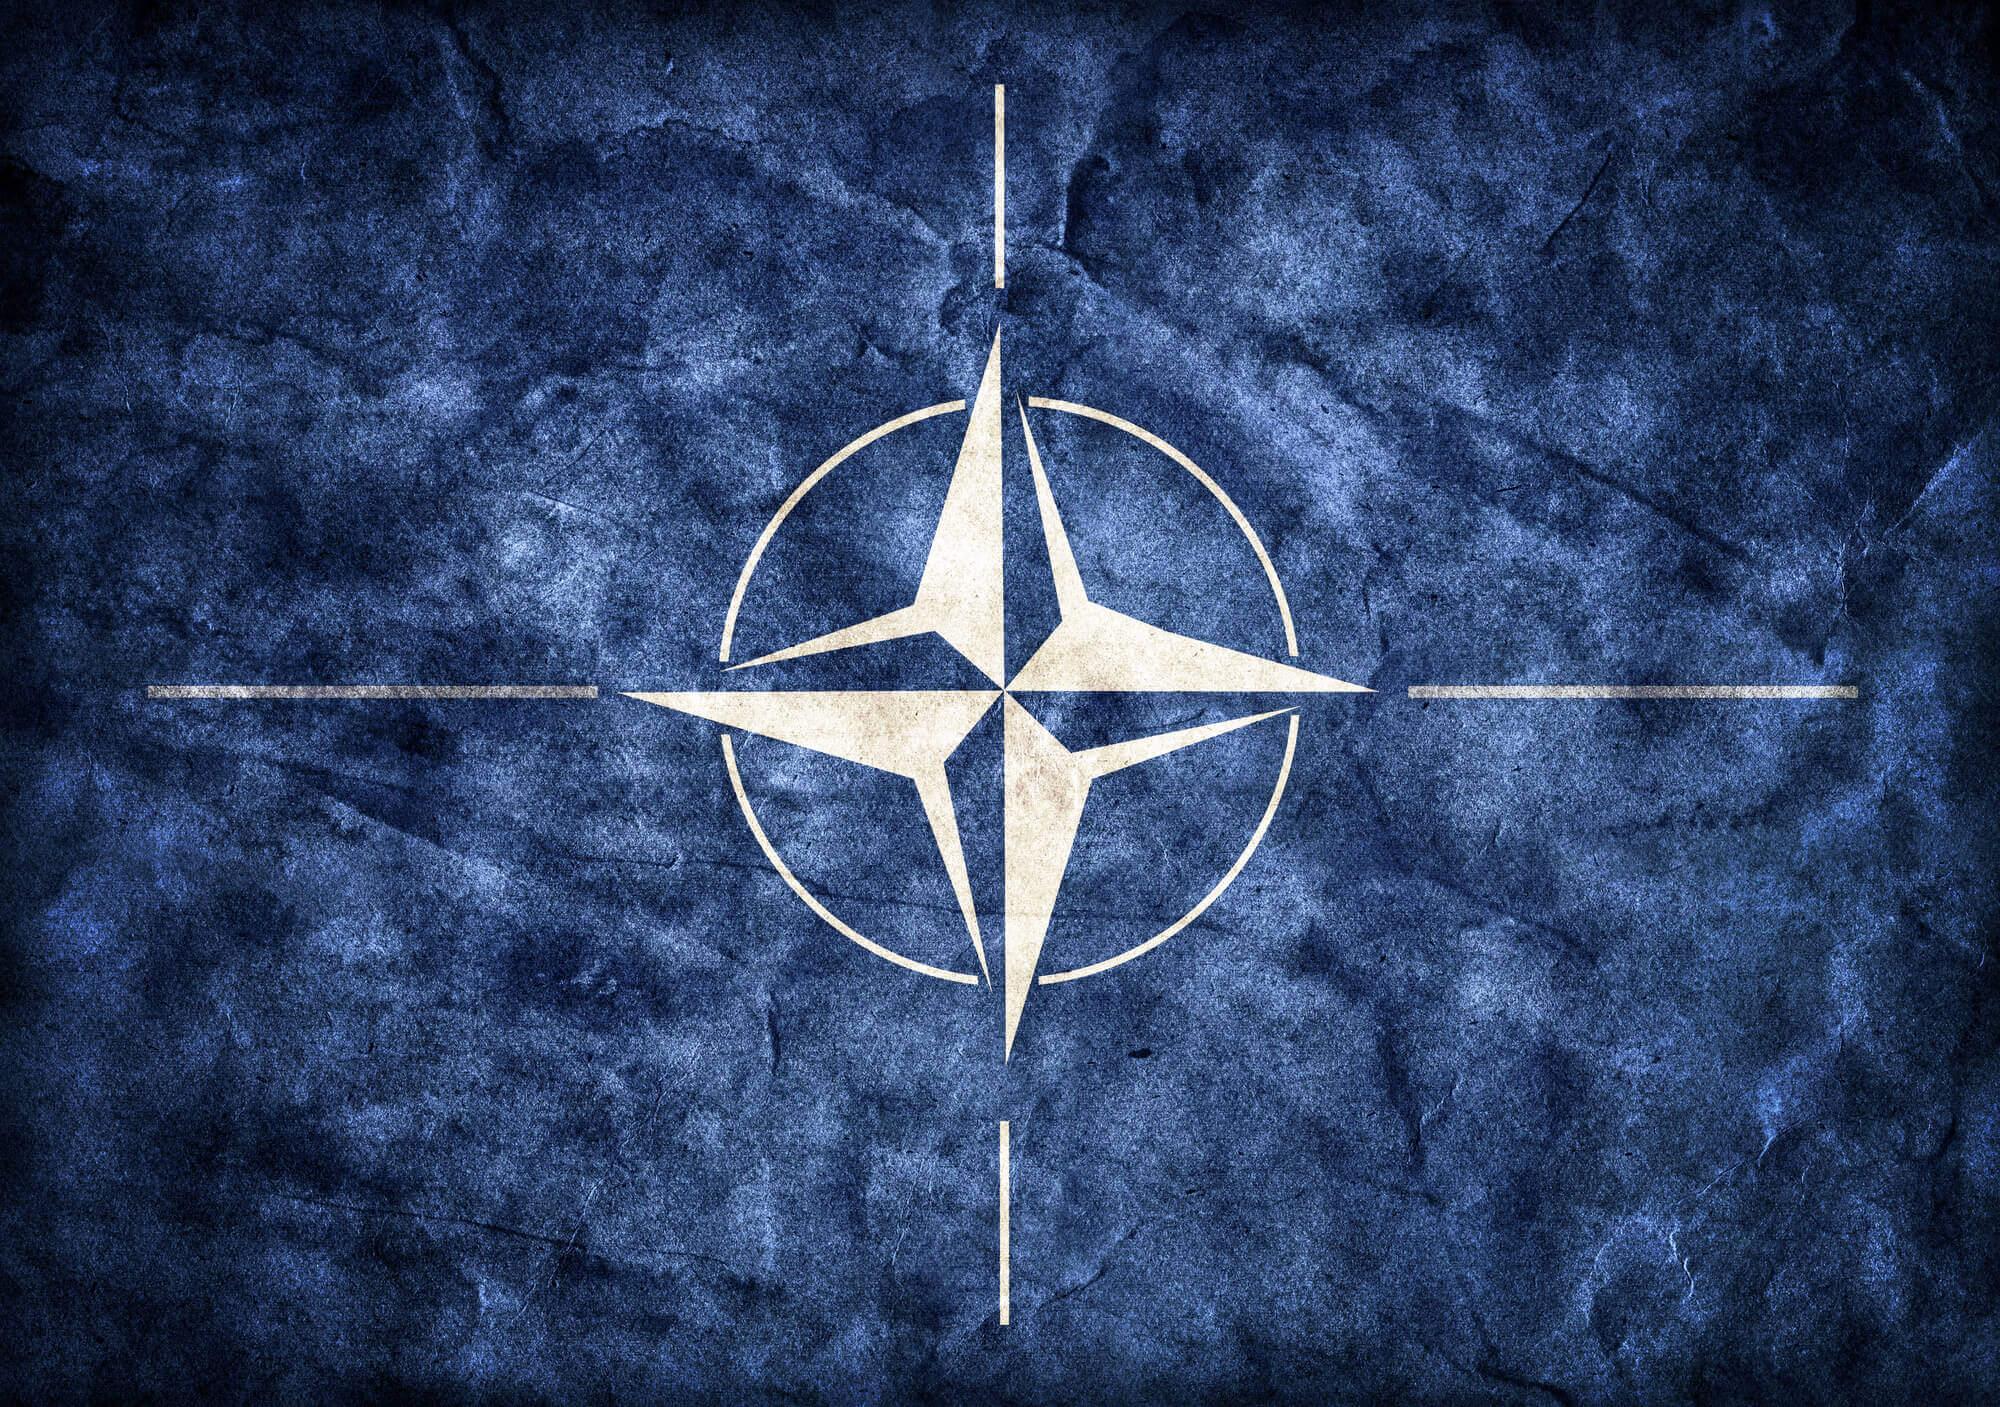 Пусть уже будет НАТО! VoxCheck разграничивает желаемое и реальность